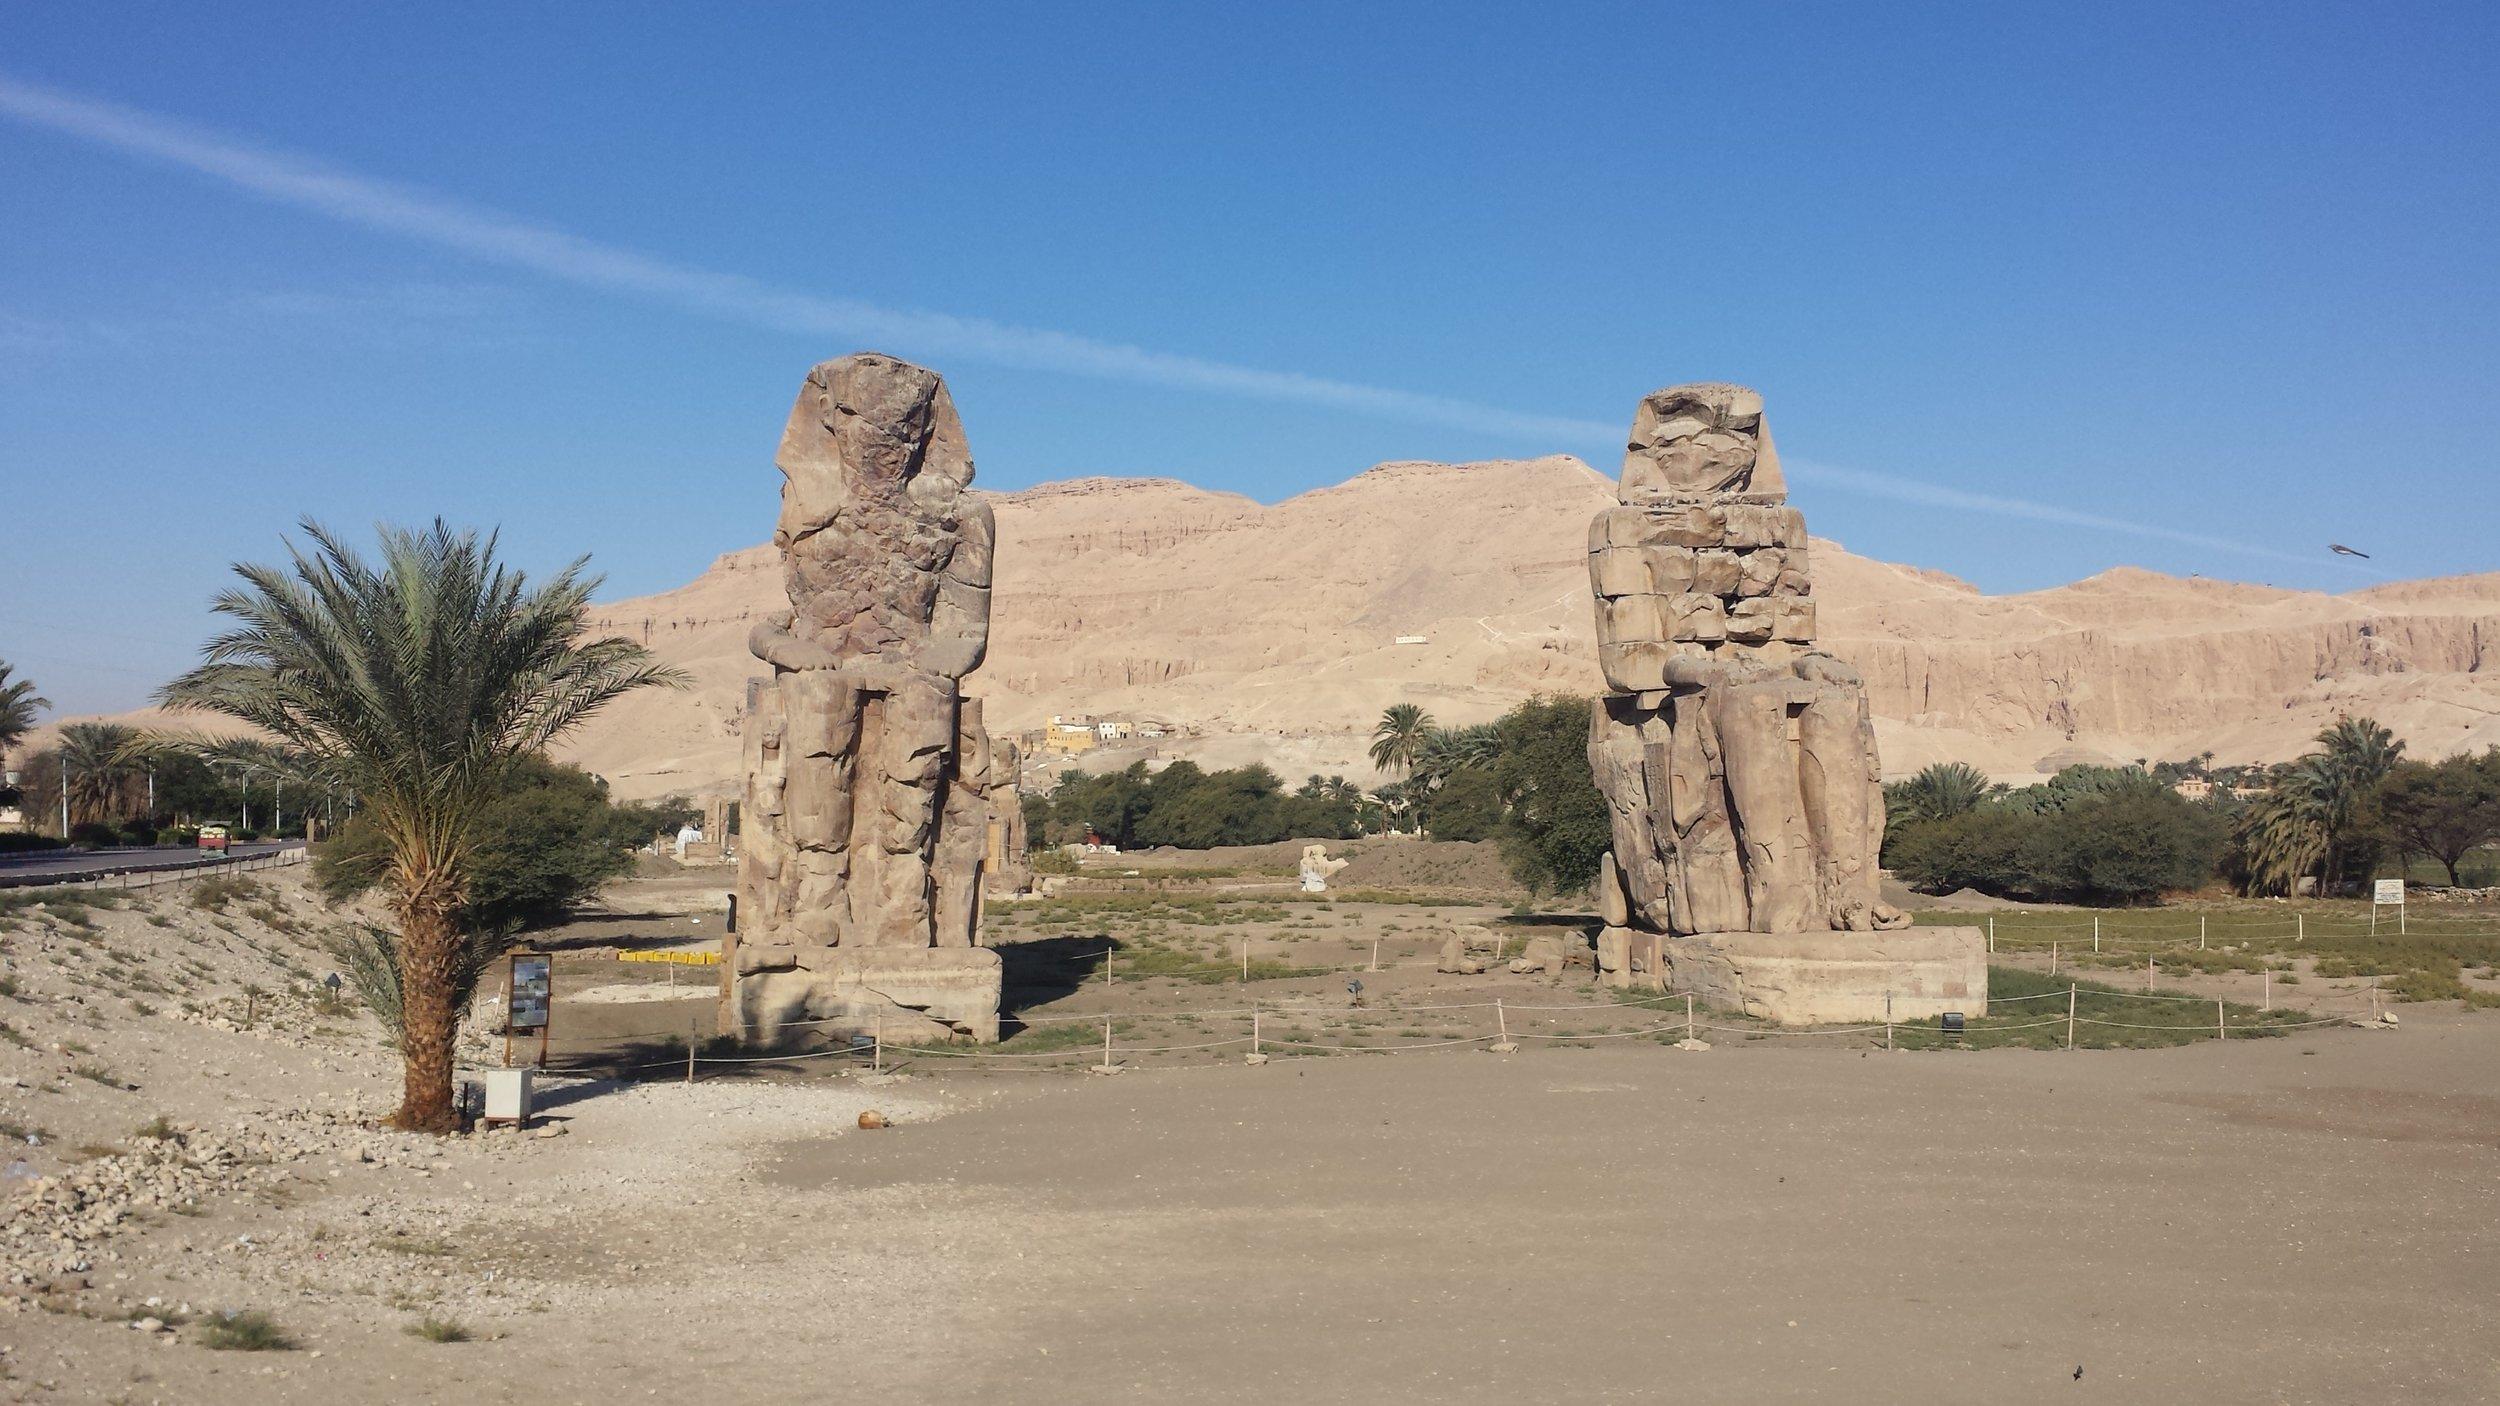 The Colossi of Memnon.